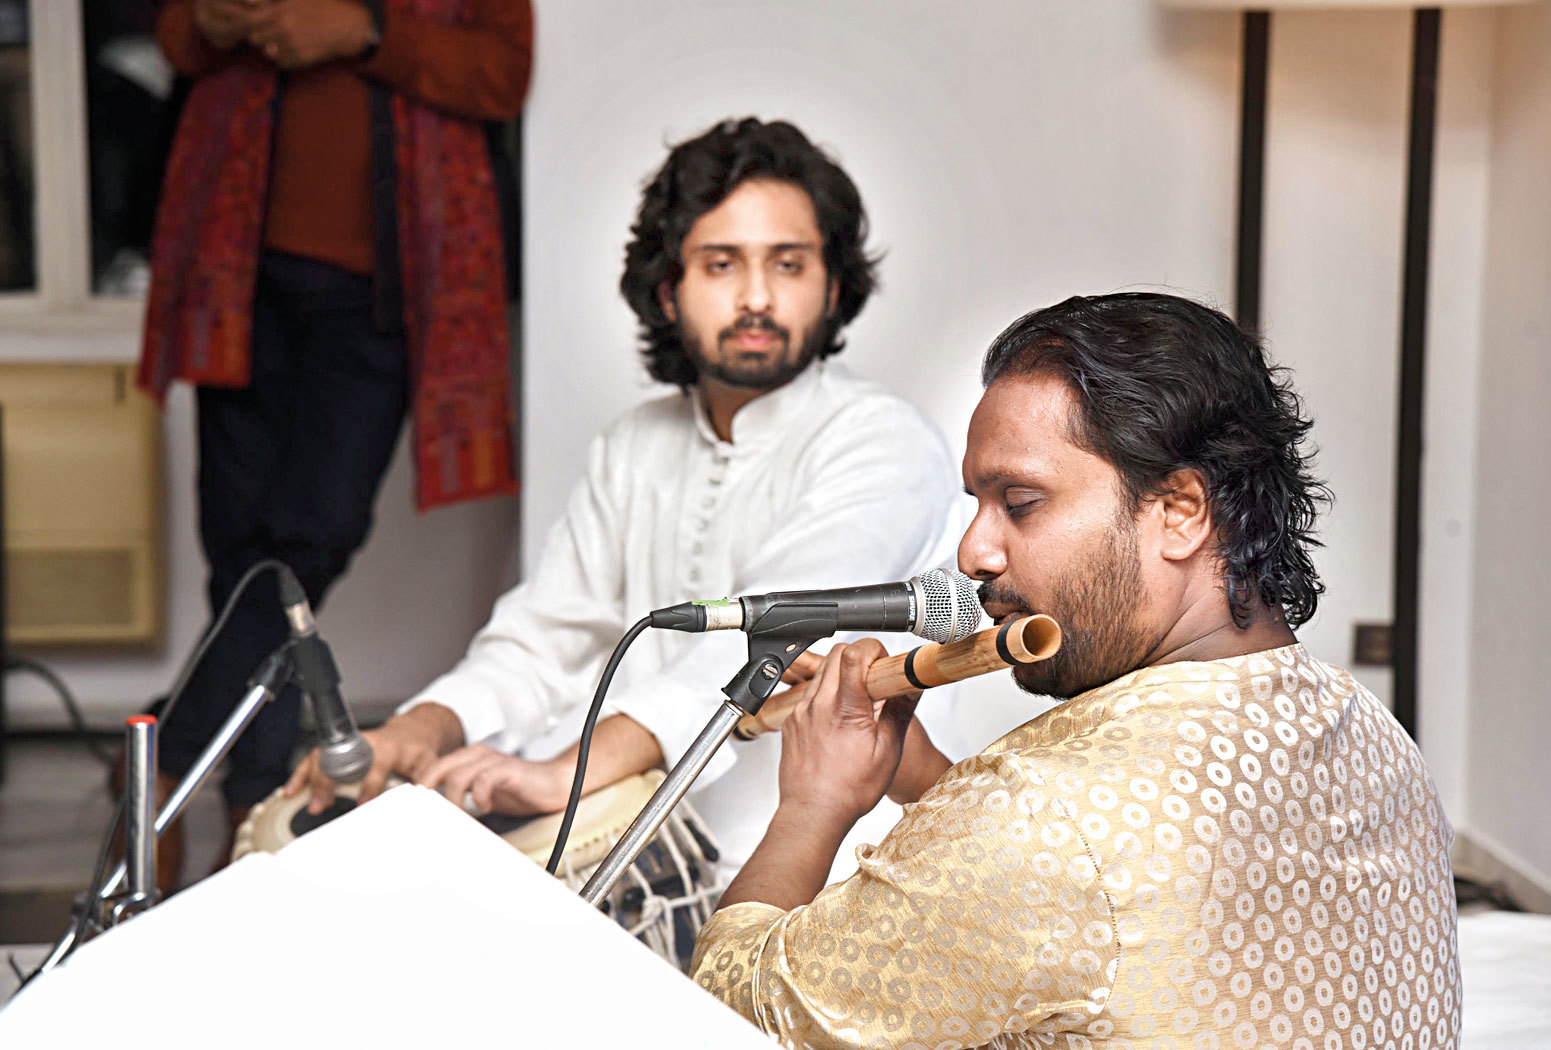 Ritesh Prasanna and Shariq Mustafa presented Raga  Yaman at the event